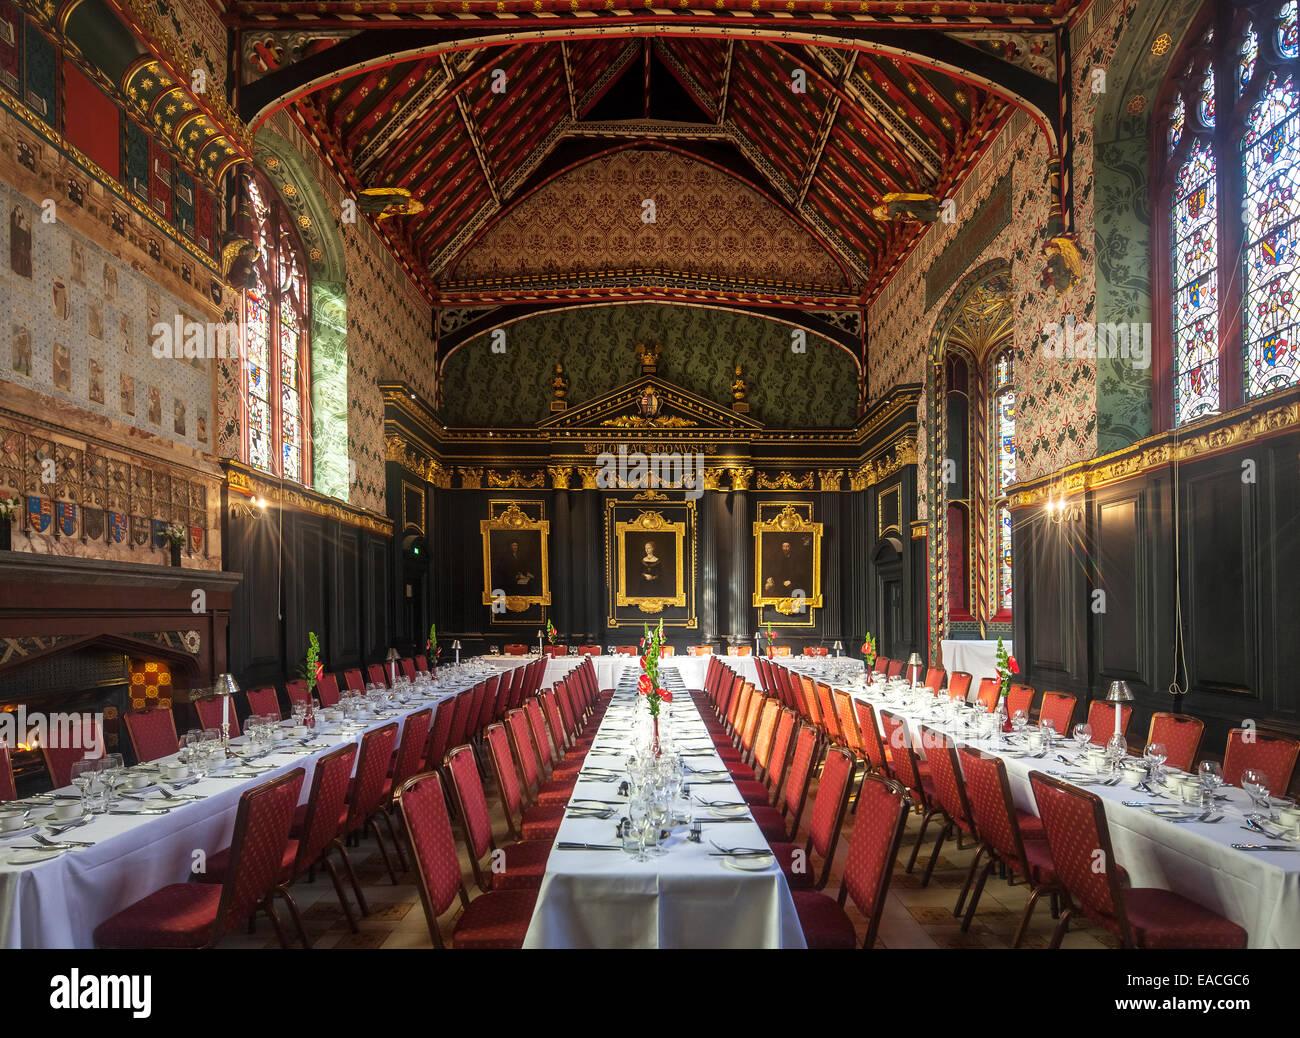 Cambridge Queens' College Old Hall 1448 aus. Tabellen für formelle Speisesaal eingerichtet. Gebäude Stockbild